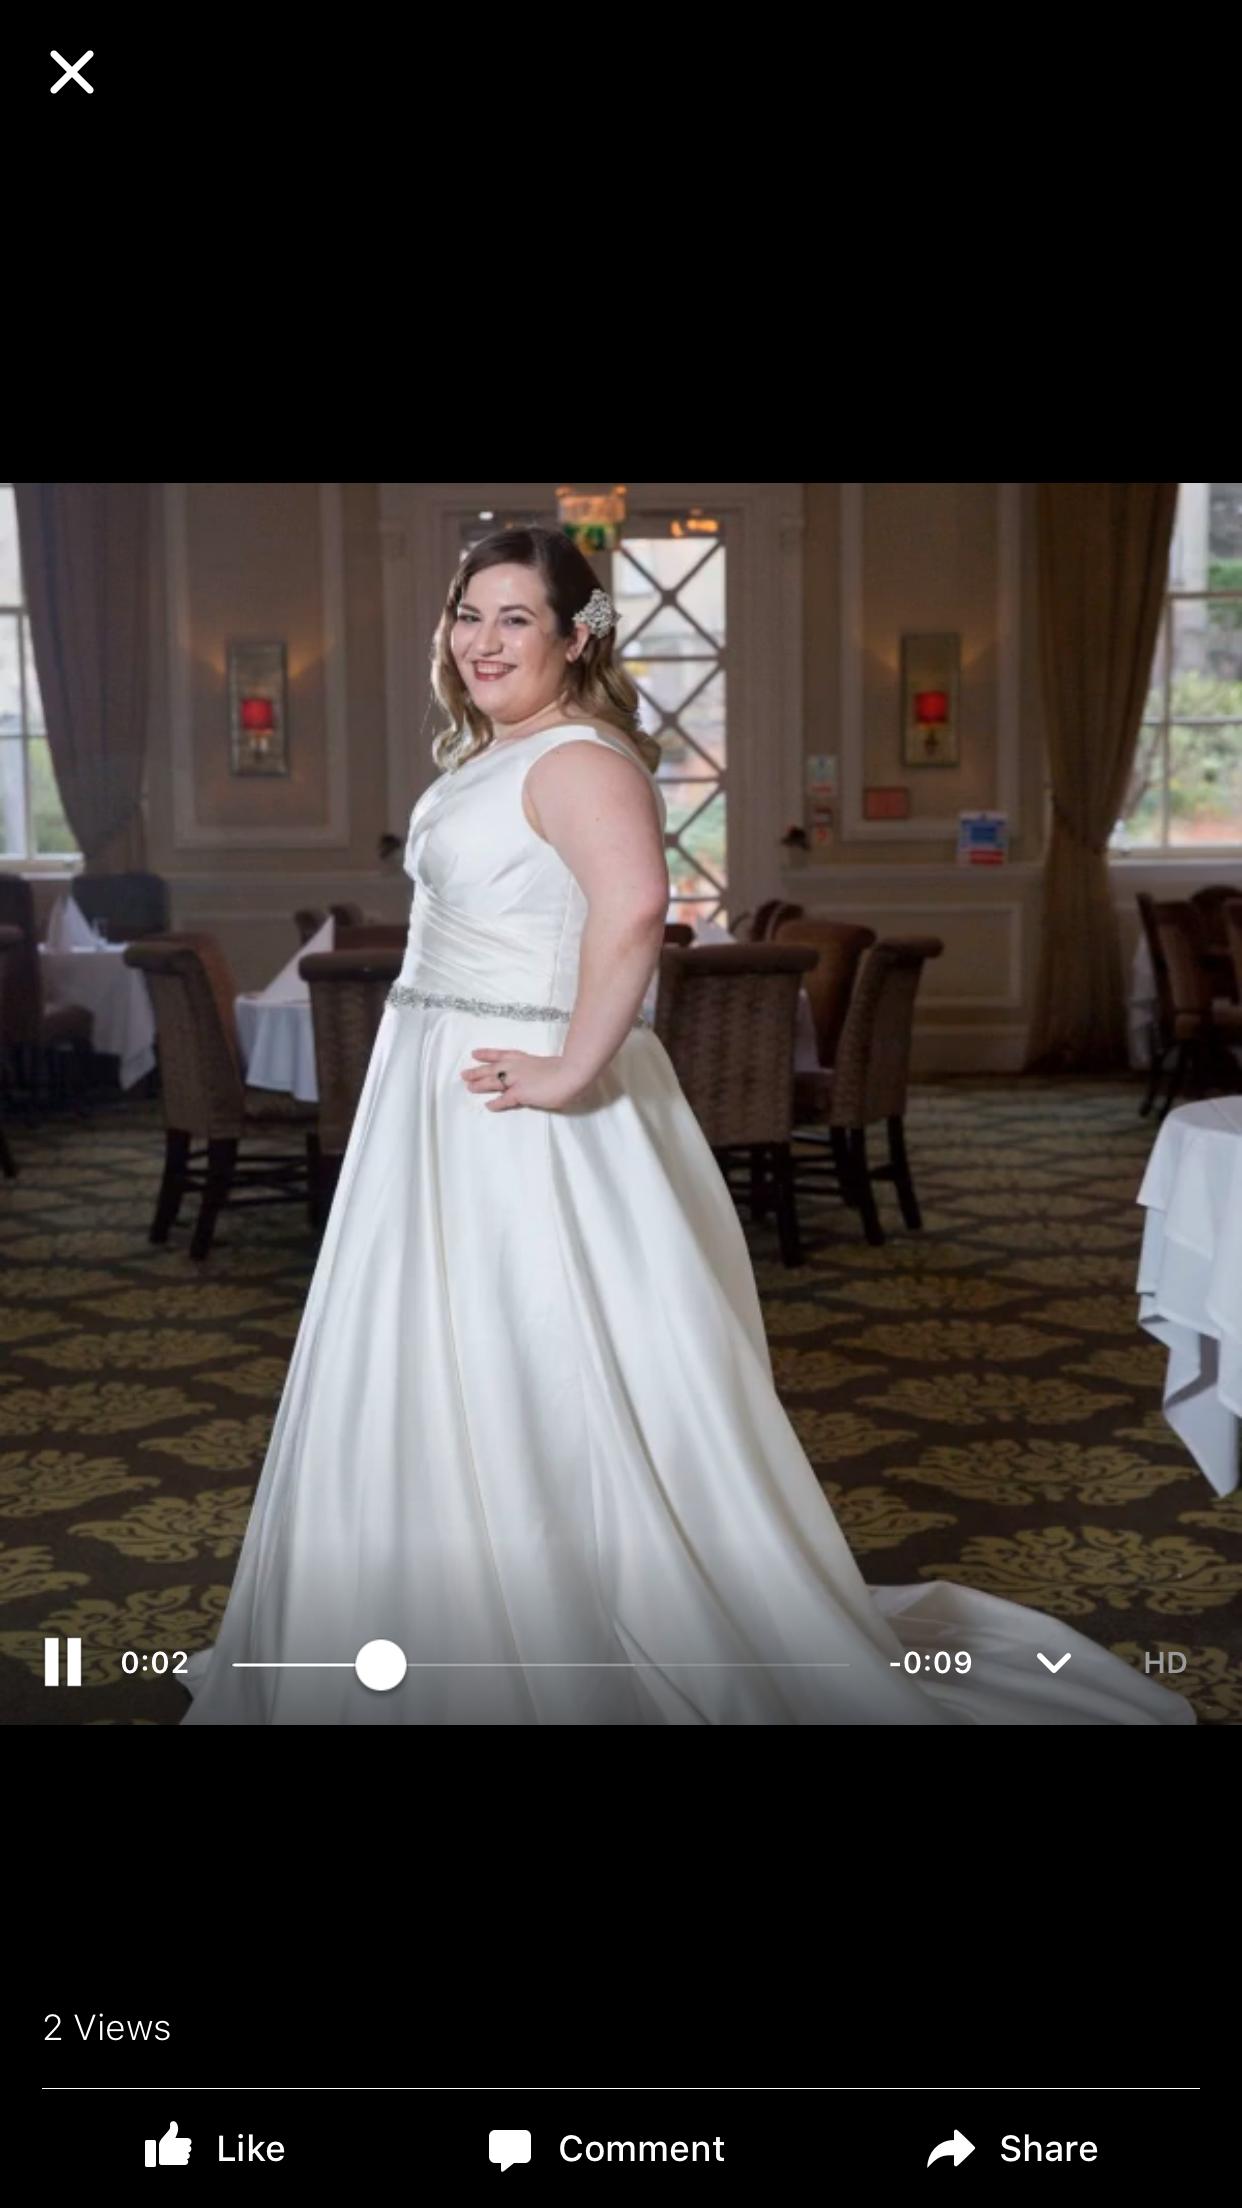 Groß Brautkleider Shropshire Fotos - Hochzeit Kleid Stile Ideen ...